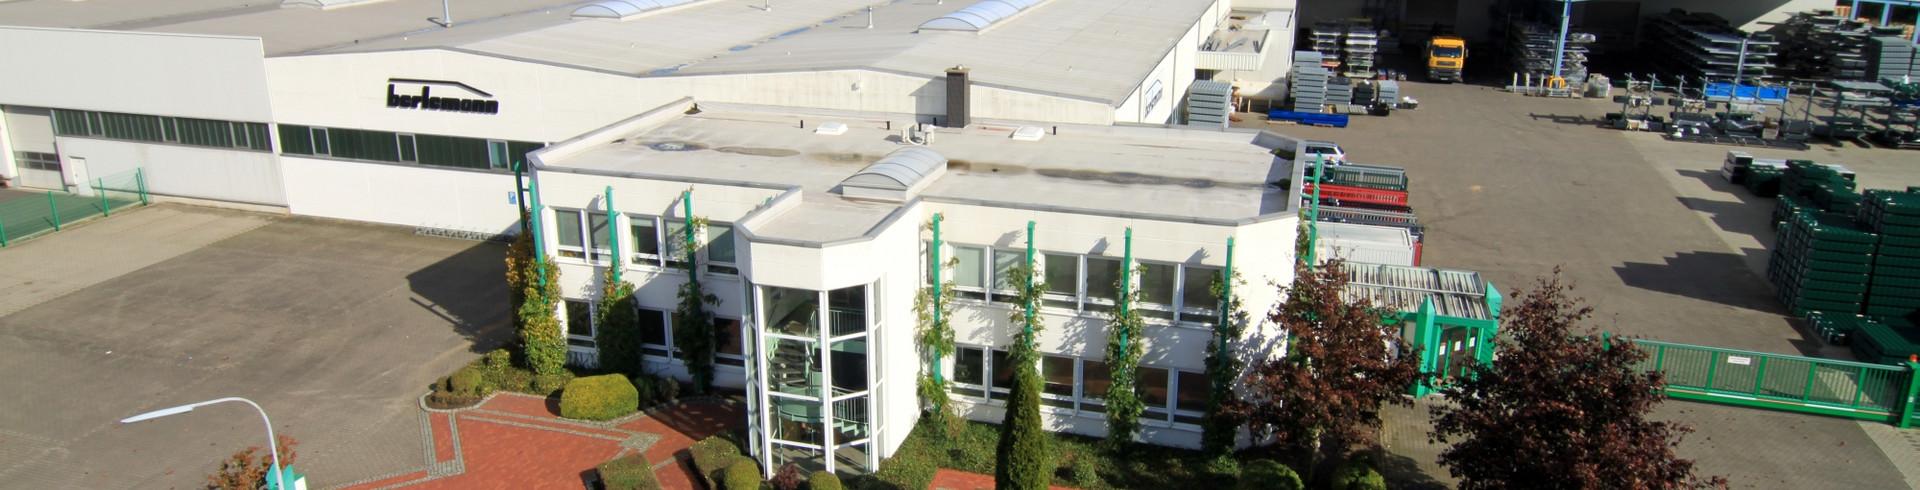 Luftbild Verwaltung Berlemann